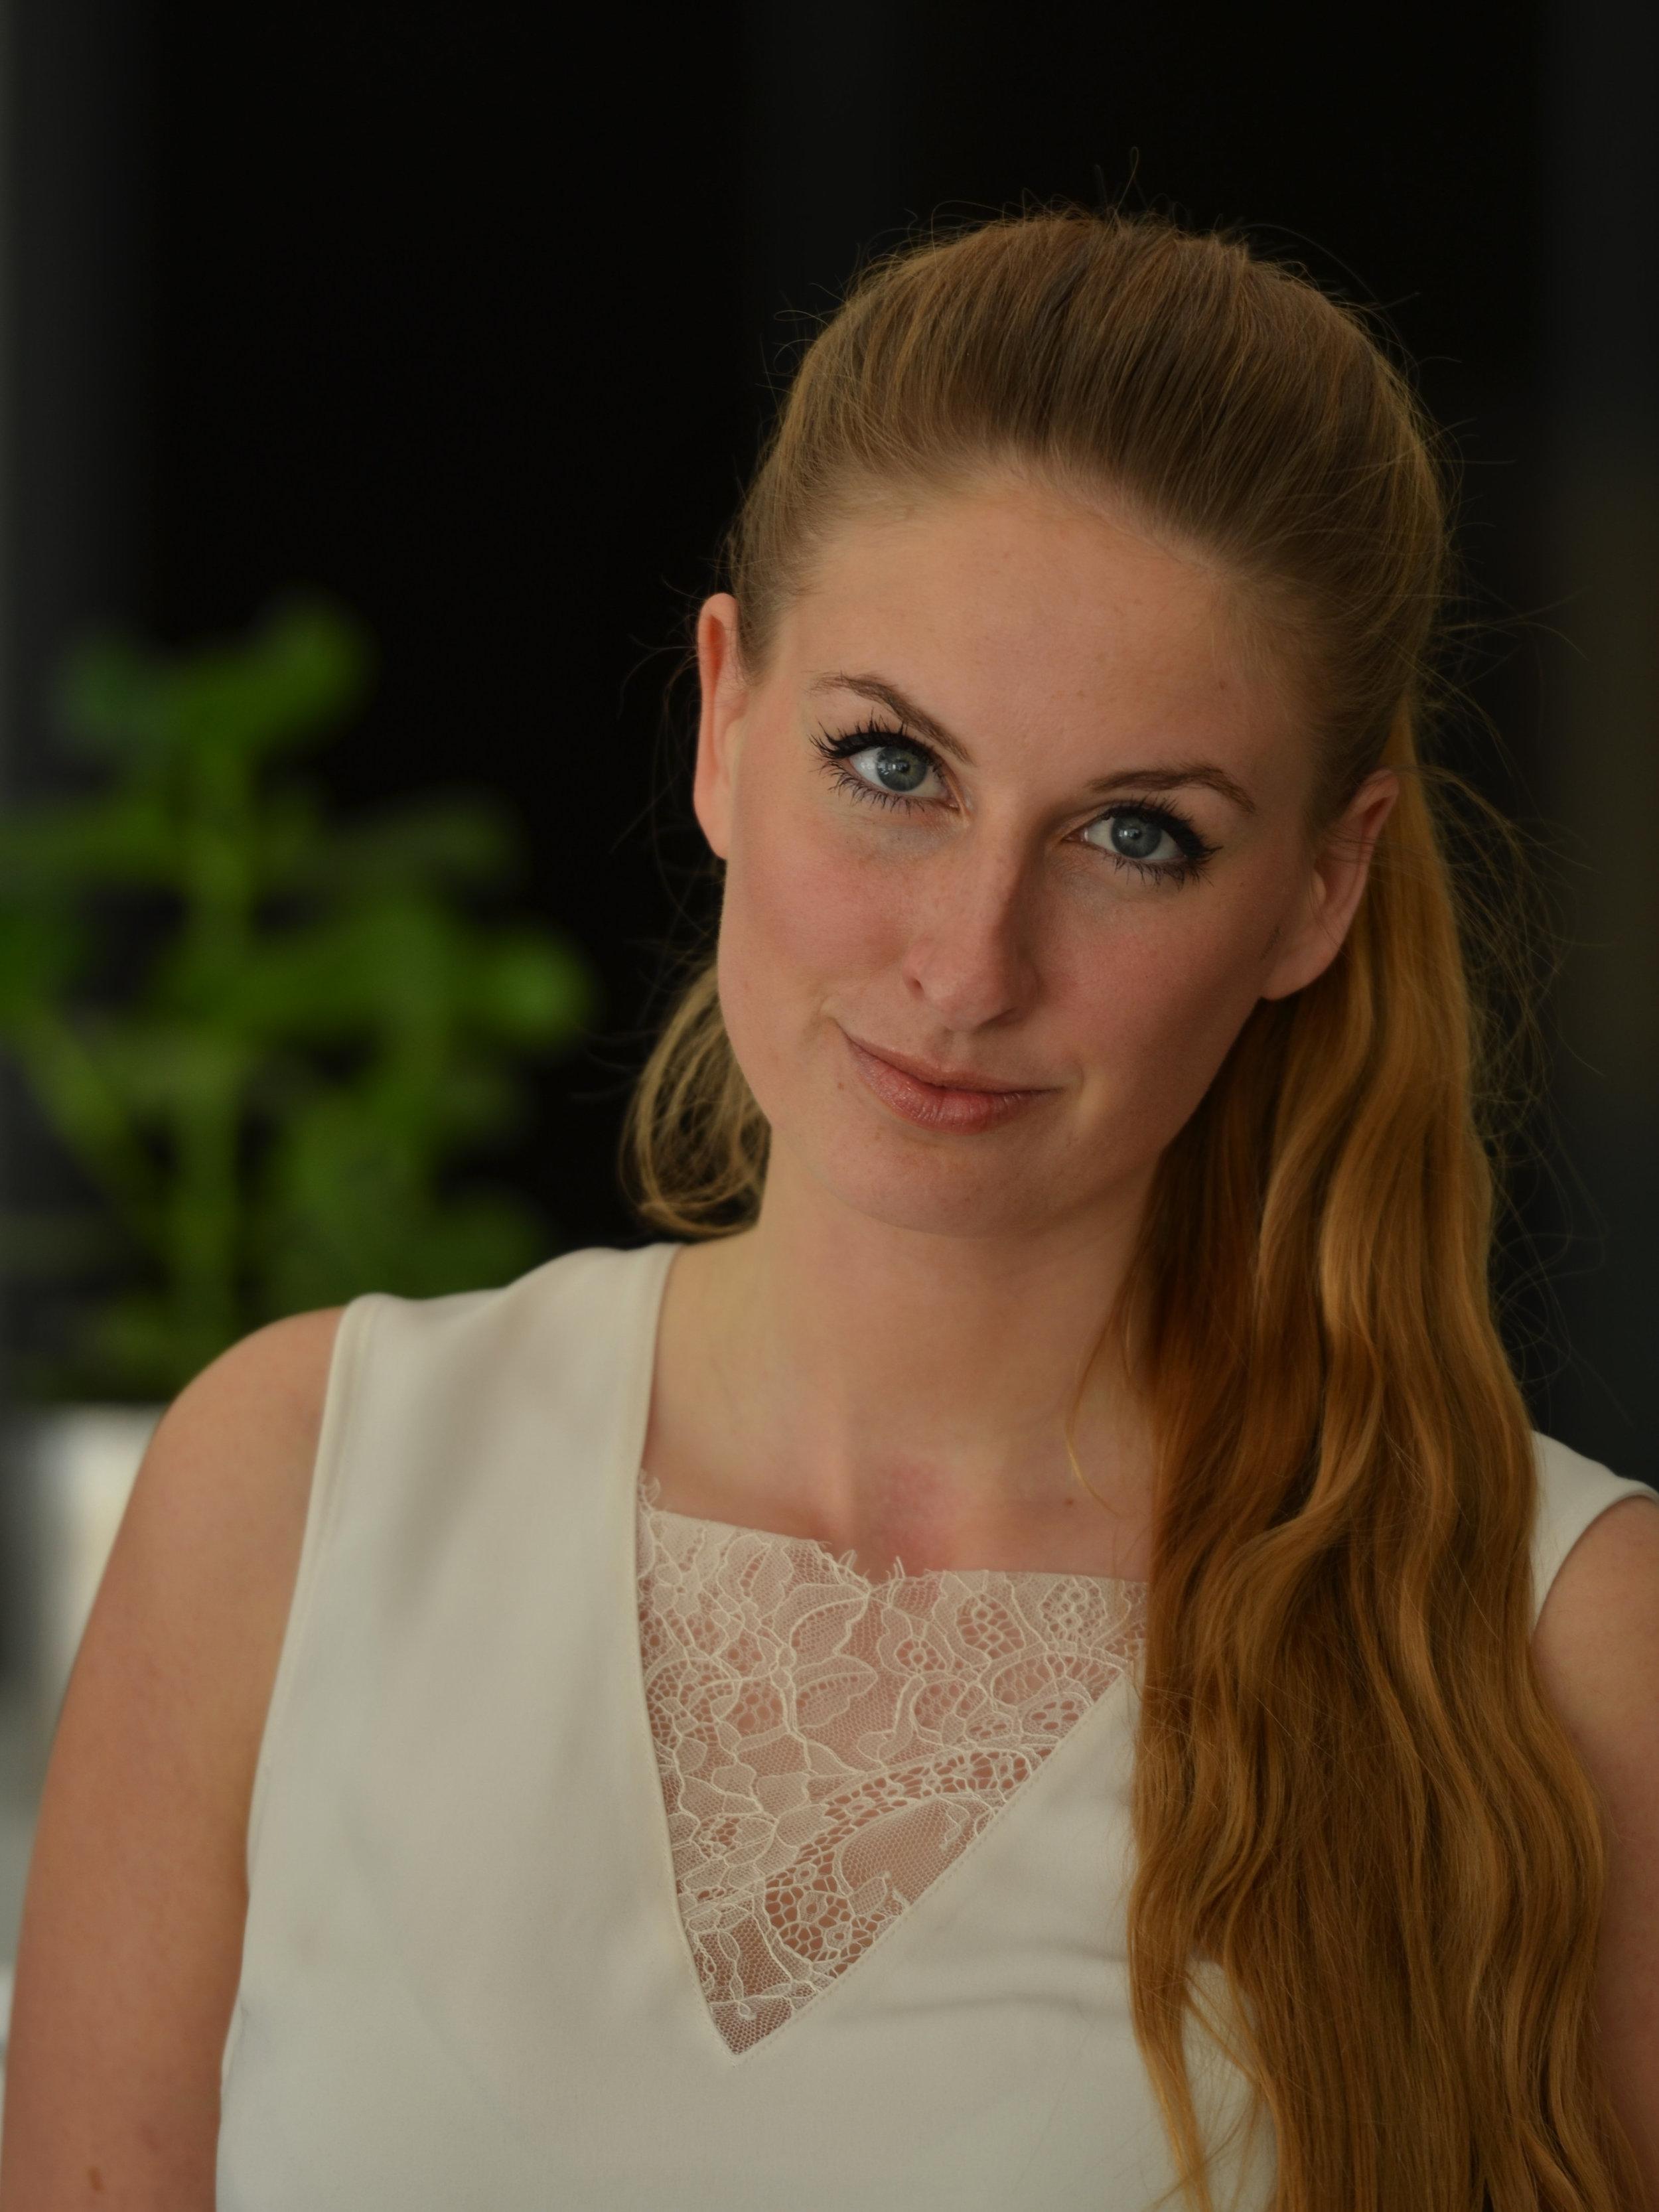 Daniella Schöner